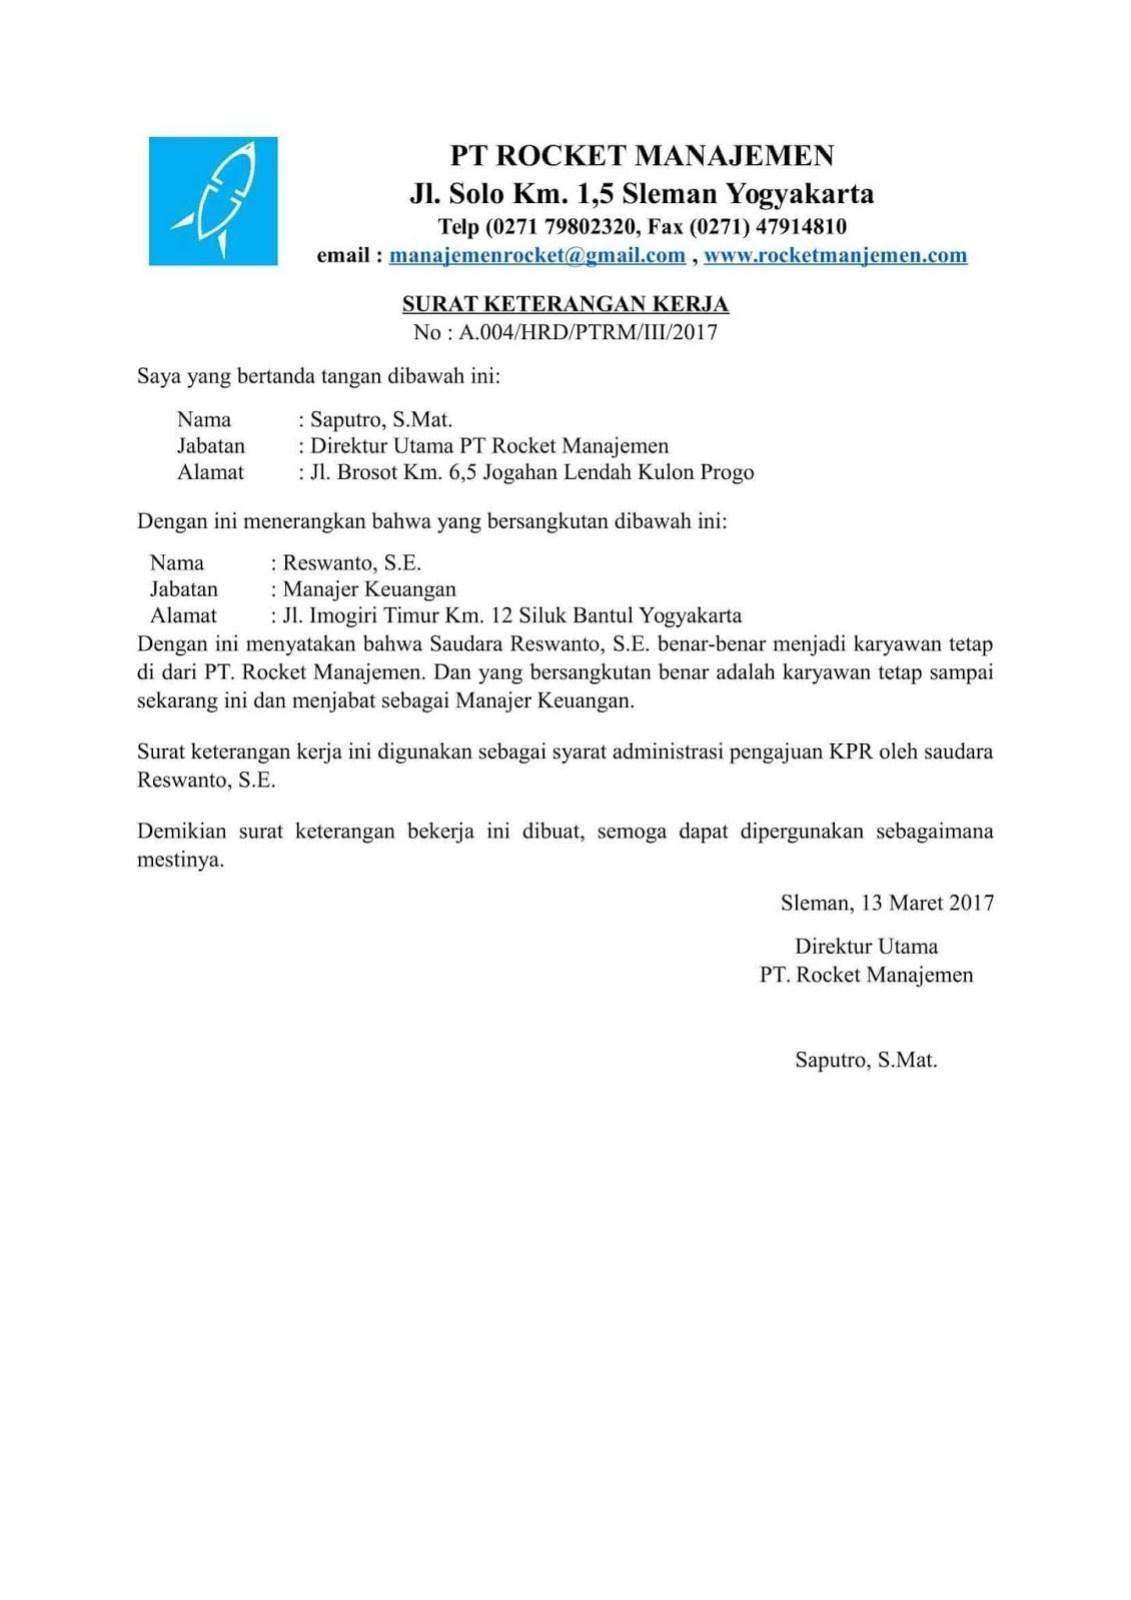 contoh surat referensi kerja sebagai manajer